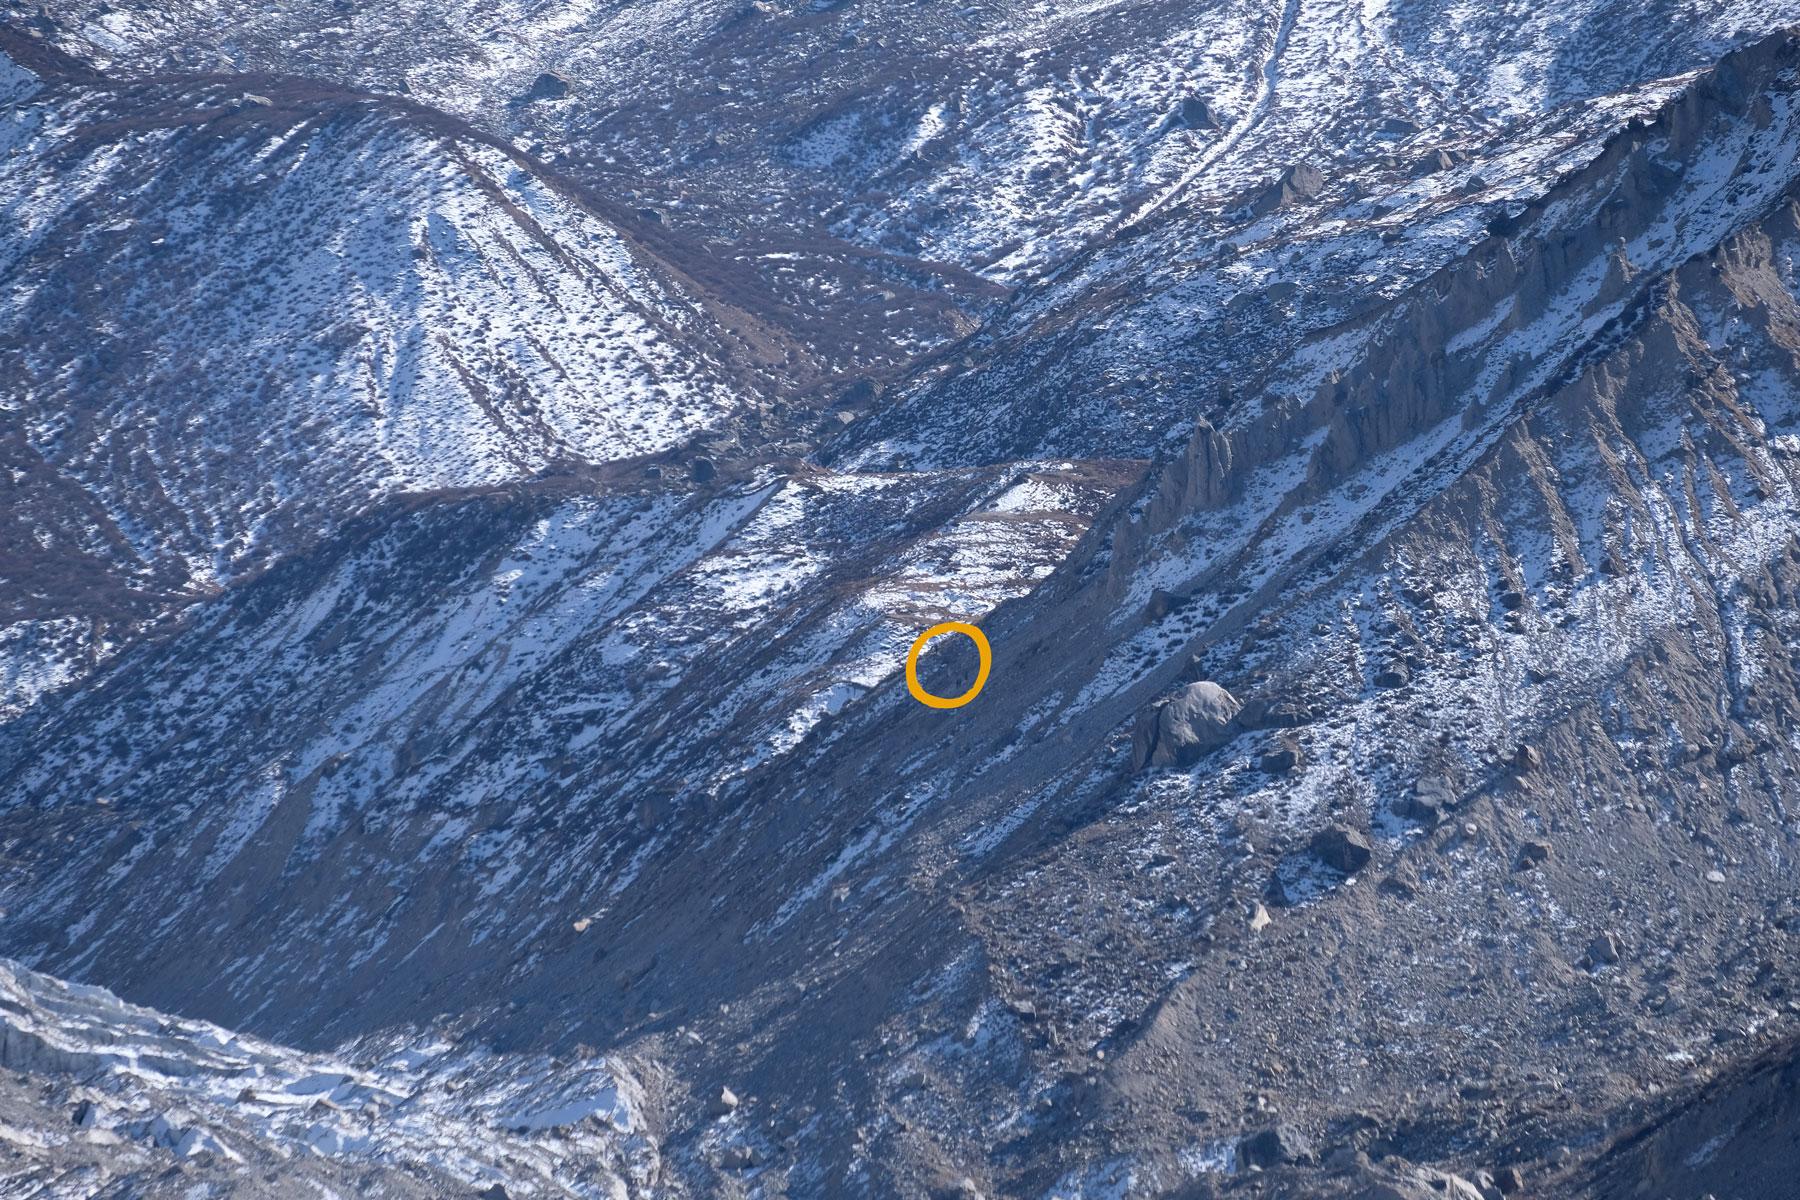 ...und erkennt bloßen Auges (!) die weitentfernten Wanderer, die noch näher an den Nanga Parbat heran möchten. Wir können sie nur Dank Tele-Objektiv und Zoom ausmachen...